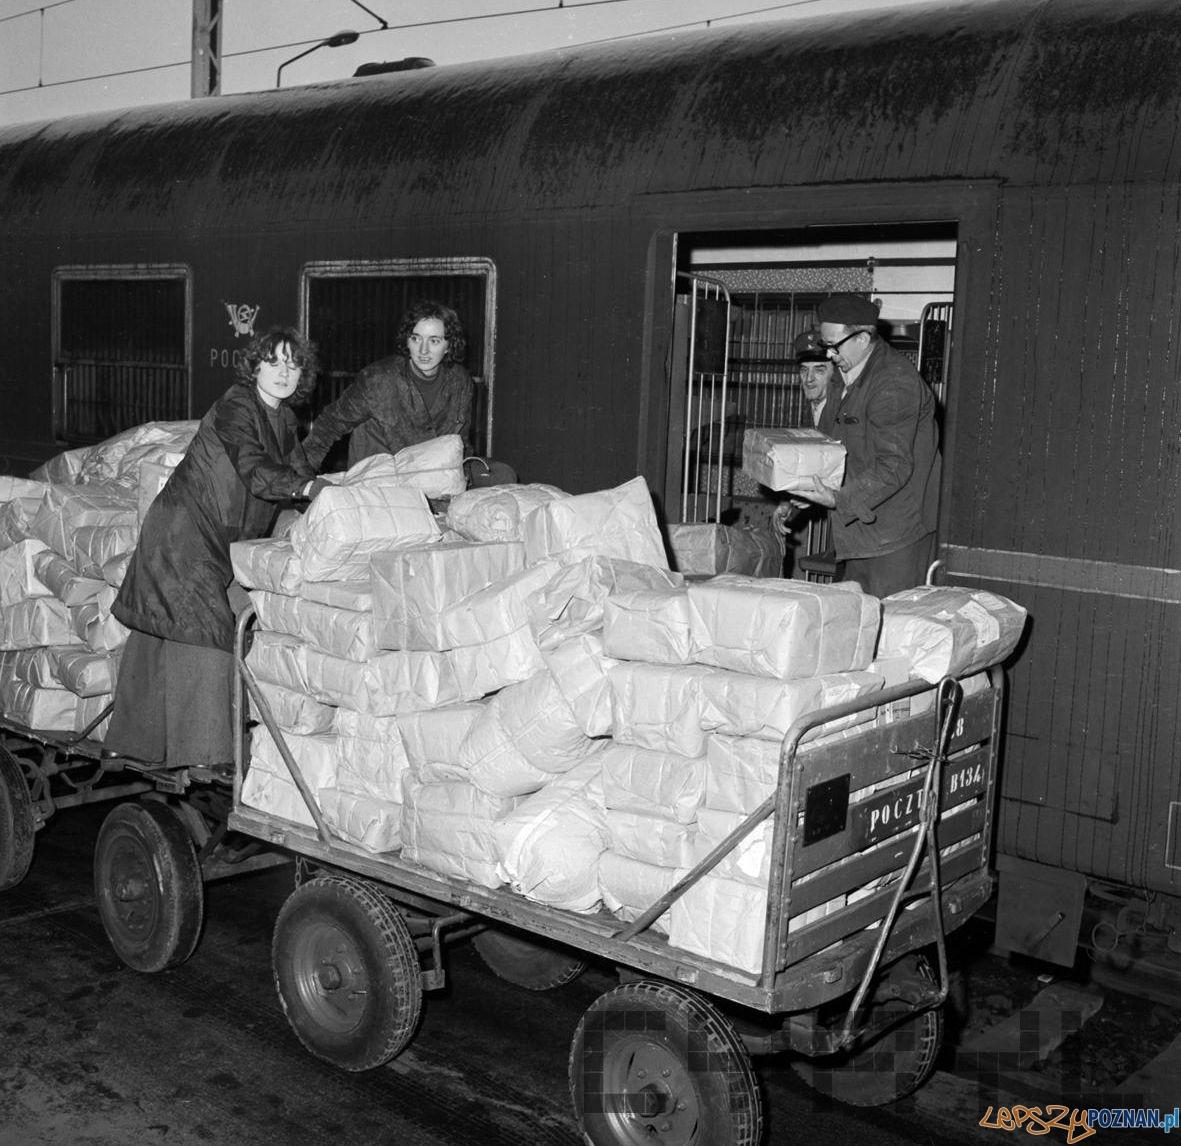 Dostraczanie przesyłek pocztowych na Dworcu Głównym 18.10.1974  Foto: Stanisław Wiktor / Cyryl